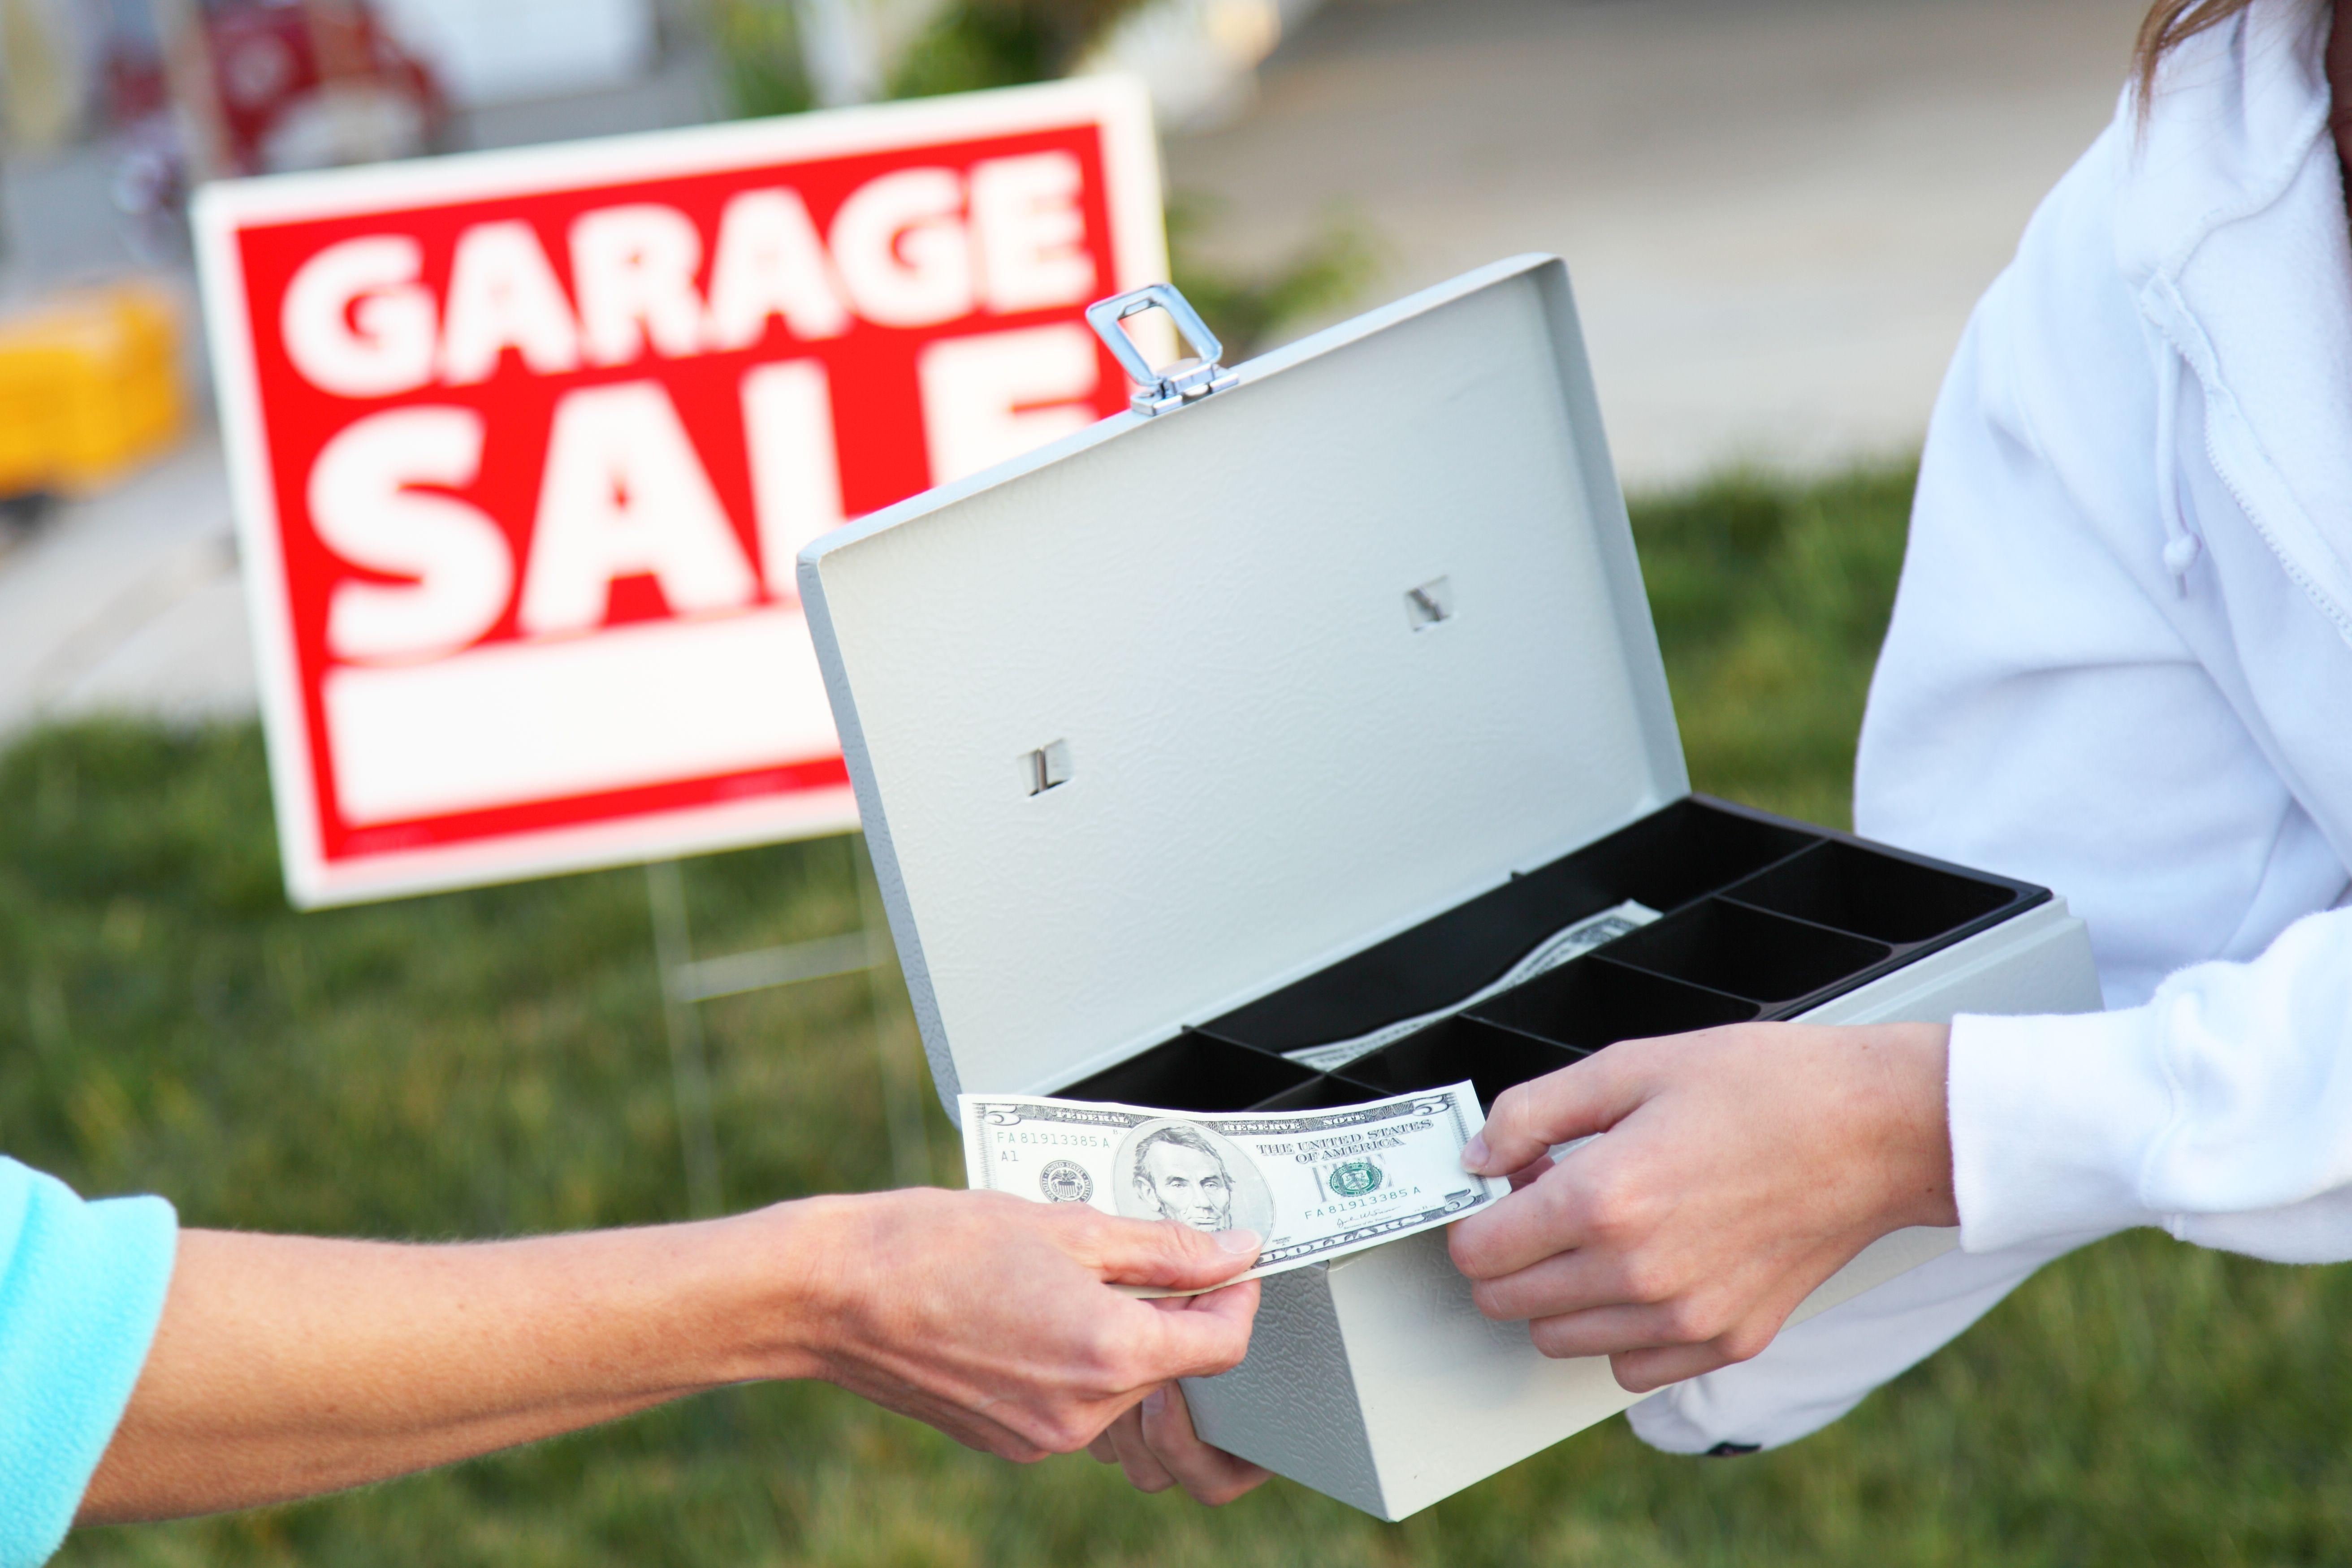 Efectivo de venta de garaje